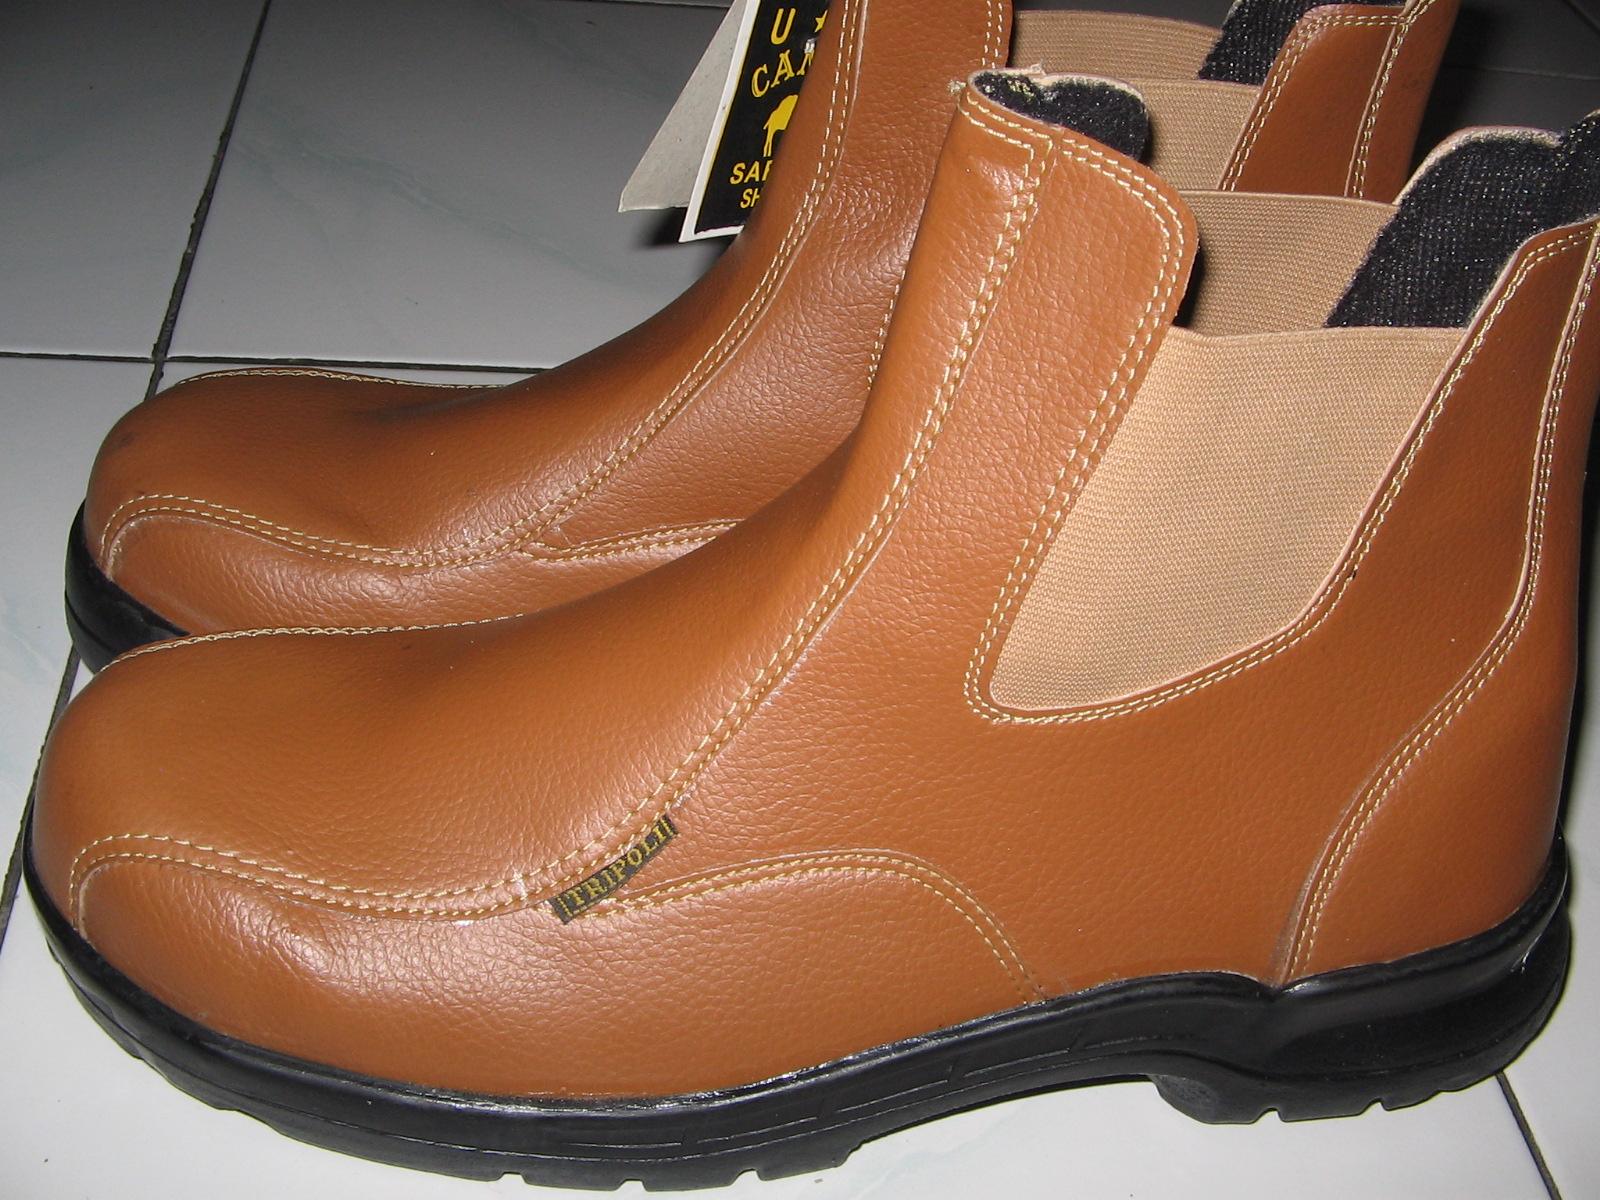 Sepatu Murah Surabaya Sepatu Safety Murah Bogor